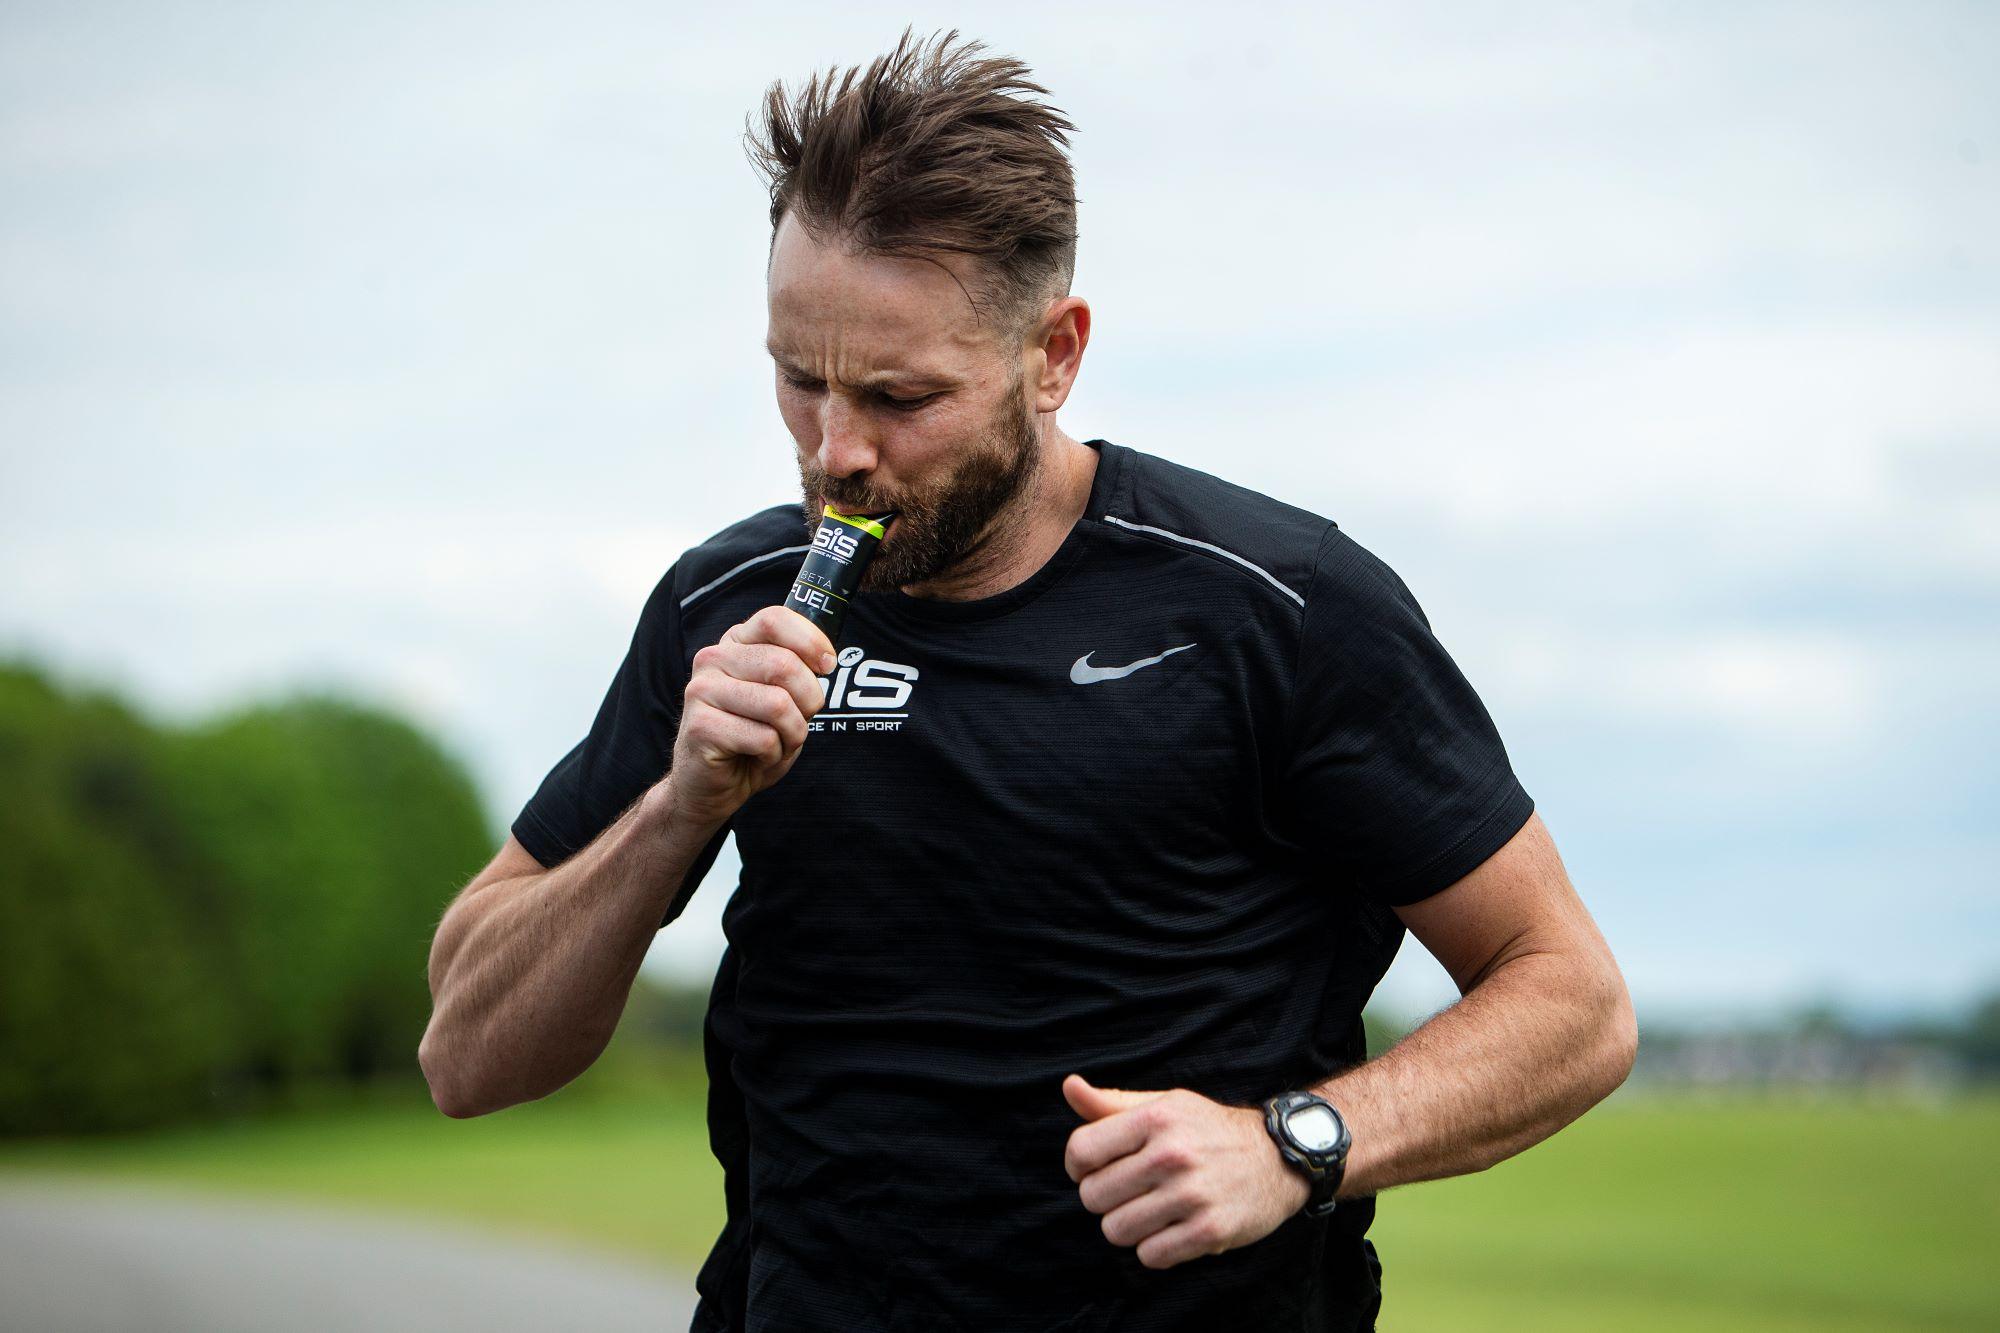 sis gel for runners